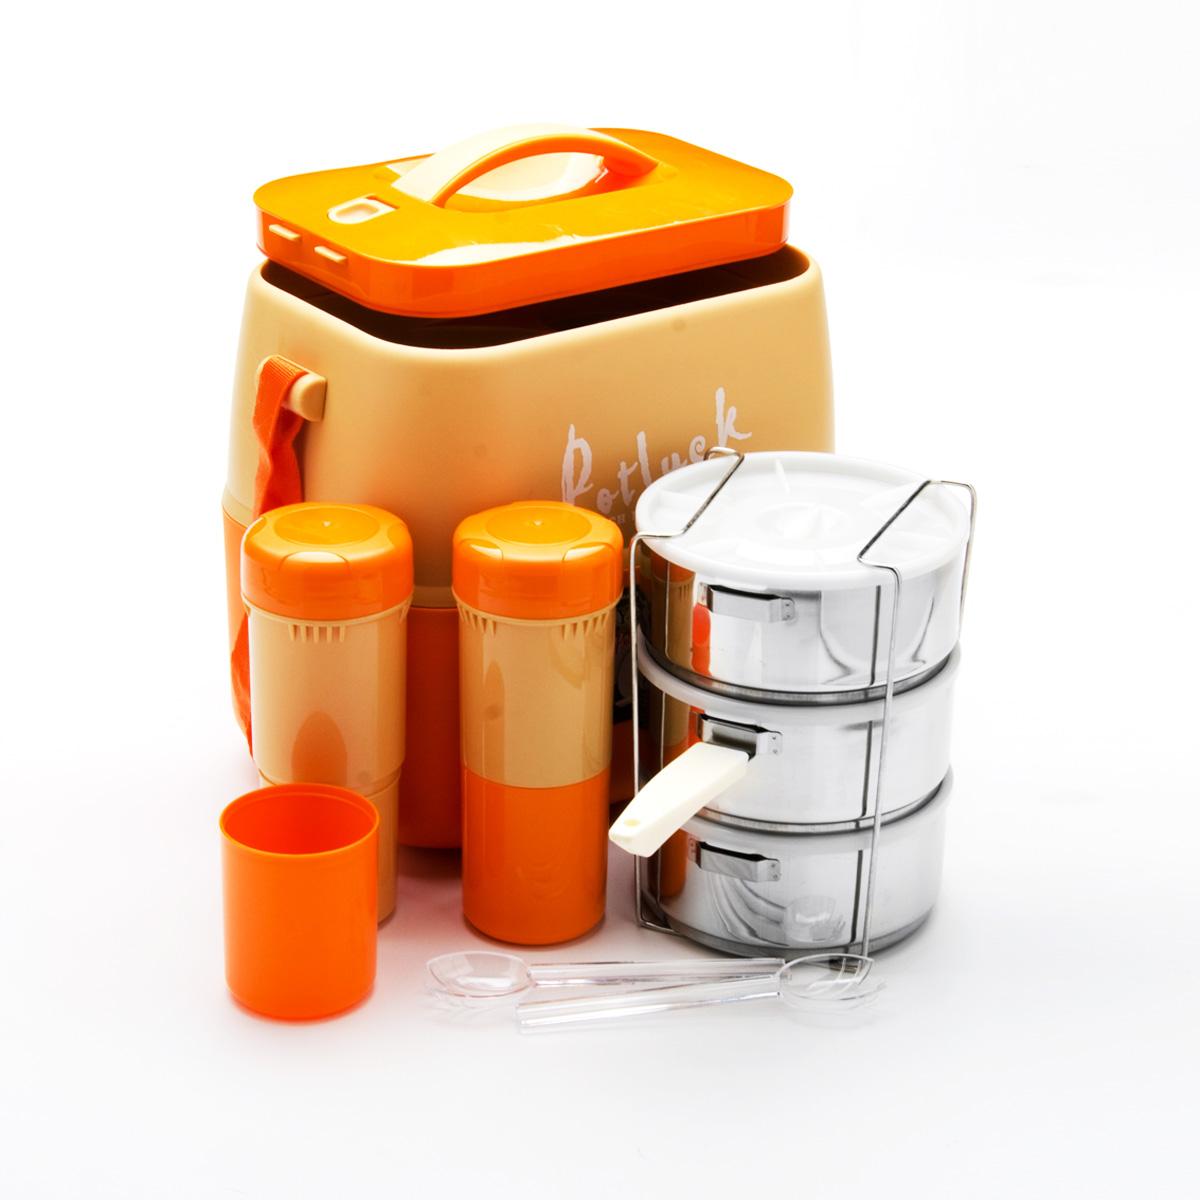 Термо-контейнер для продуктов Mayer & Boch, цвет: оранжевый, 3,6 л23728Термо-контейнер Mayer & Boch, изготовленный из полипропилена, станет незаменимой вещью для офисных работников, водителей, школьников и студентов. Благодаря двойной стенке и герметичной крышке термо-конейнер сохраняет температуру продуктов в течение 4-5 часов, поэтому вы сможете насладиться теплым обедом и вне дома. Изделие имеет абсолютно герметичную конструкцию. Контейнер идеален для пикников и путешествий. Вы можете носить в нем обеды и завтраки, супы, закуски, фрукты, овощи и другое. Термо-контейнер прекрасно подходит для горячей и холодной пищи. Для более удобной транспортировки изделие оснащено текстильным ремнем. В наборе - 3 стальных контейнера для пищи с пластиковыми крышками, металлическая подставка и съемная ручка для контейнеров, 2 пластиковые емкости для жидкости с крышками, 2 стакана, пластиковые ложка и вилка-ложка. Все предметы компактно и надежно складываются внутрь термо-контейнера. Объем термо-контейнера: 3,6 л. Размер...